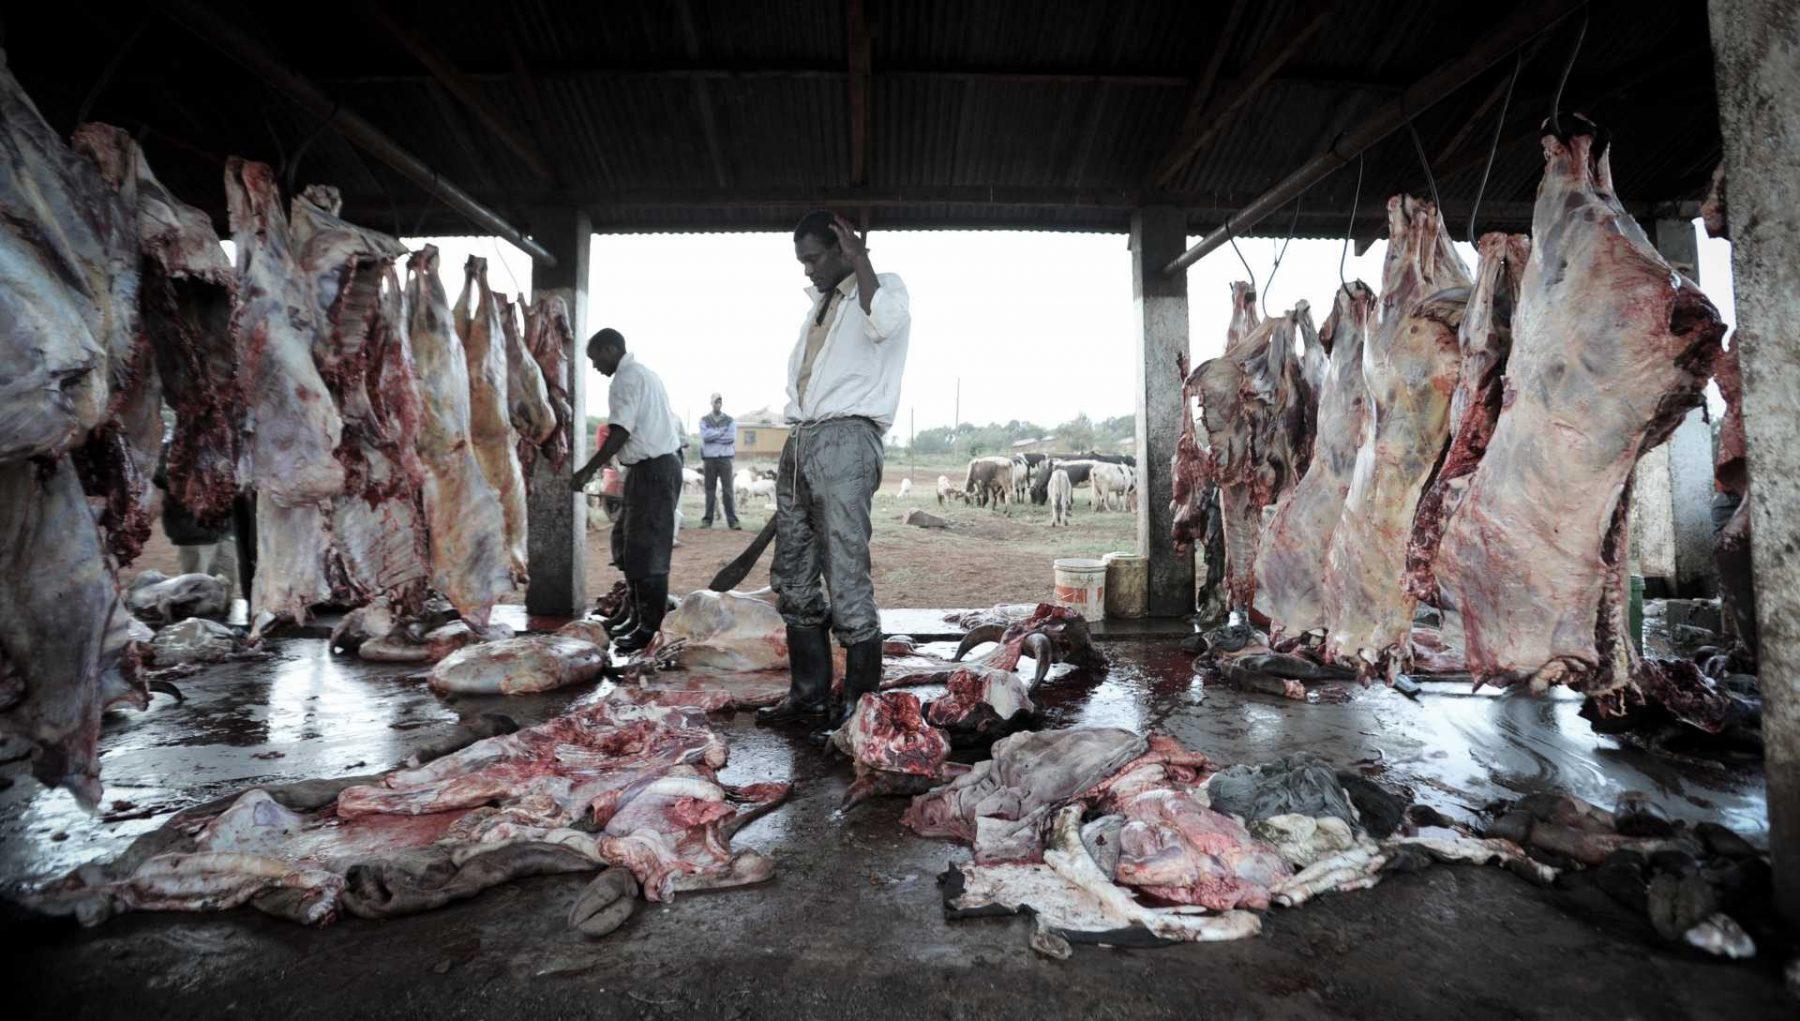 Slaughterhouse. Tanzania.